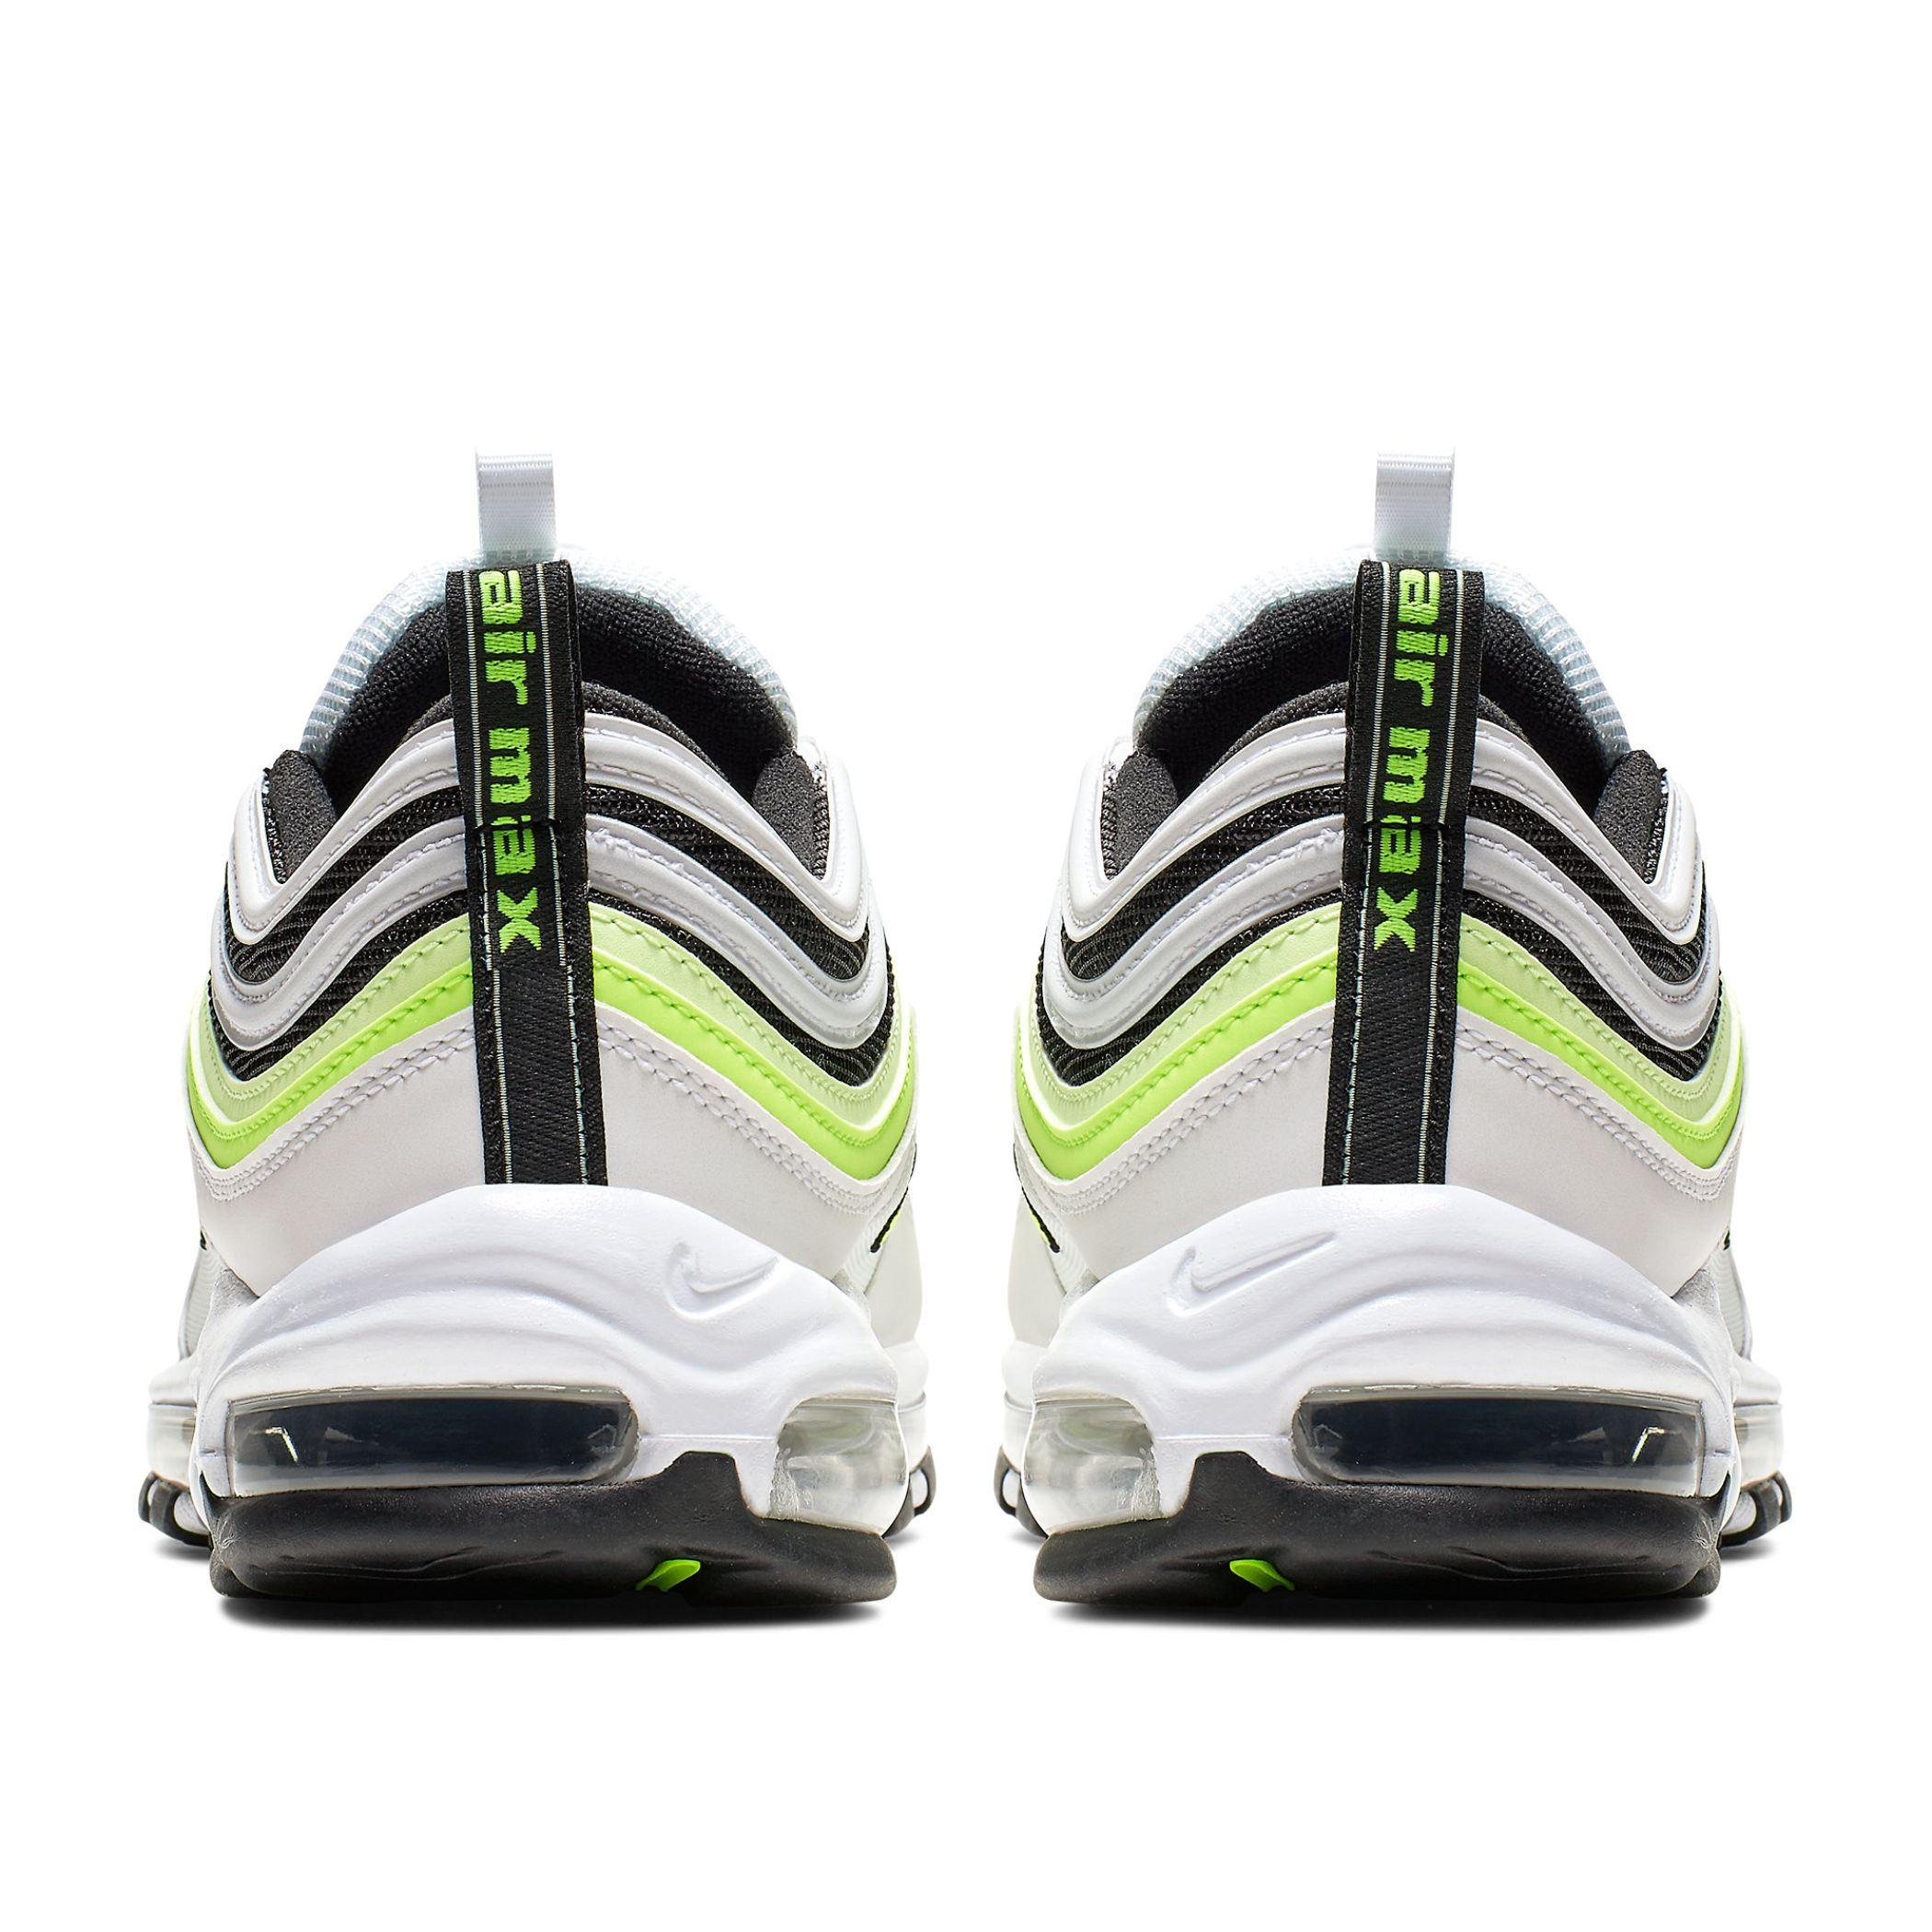 1298101c Мужские кроссовки Nike Air Max 97 SE White/Volt-Barely Volt-Black -